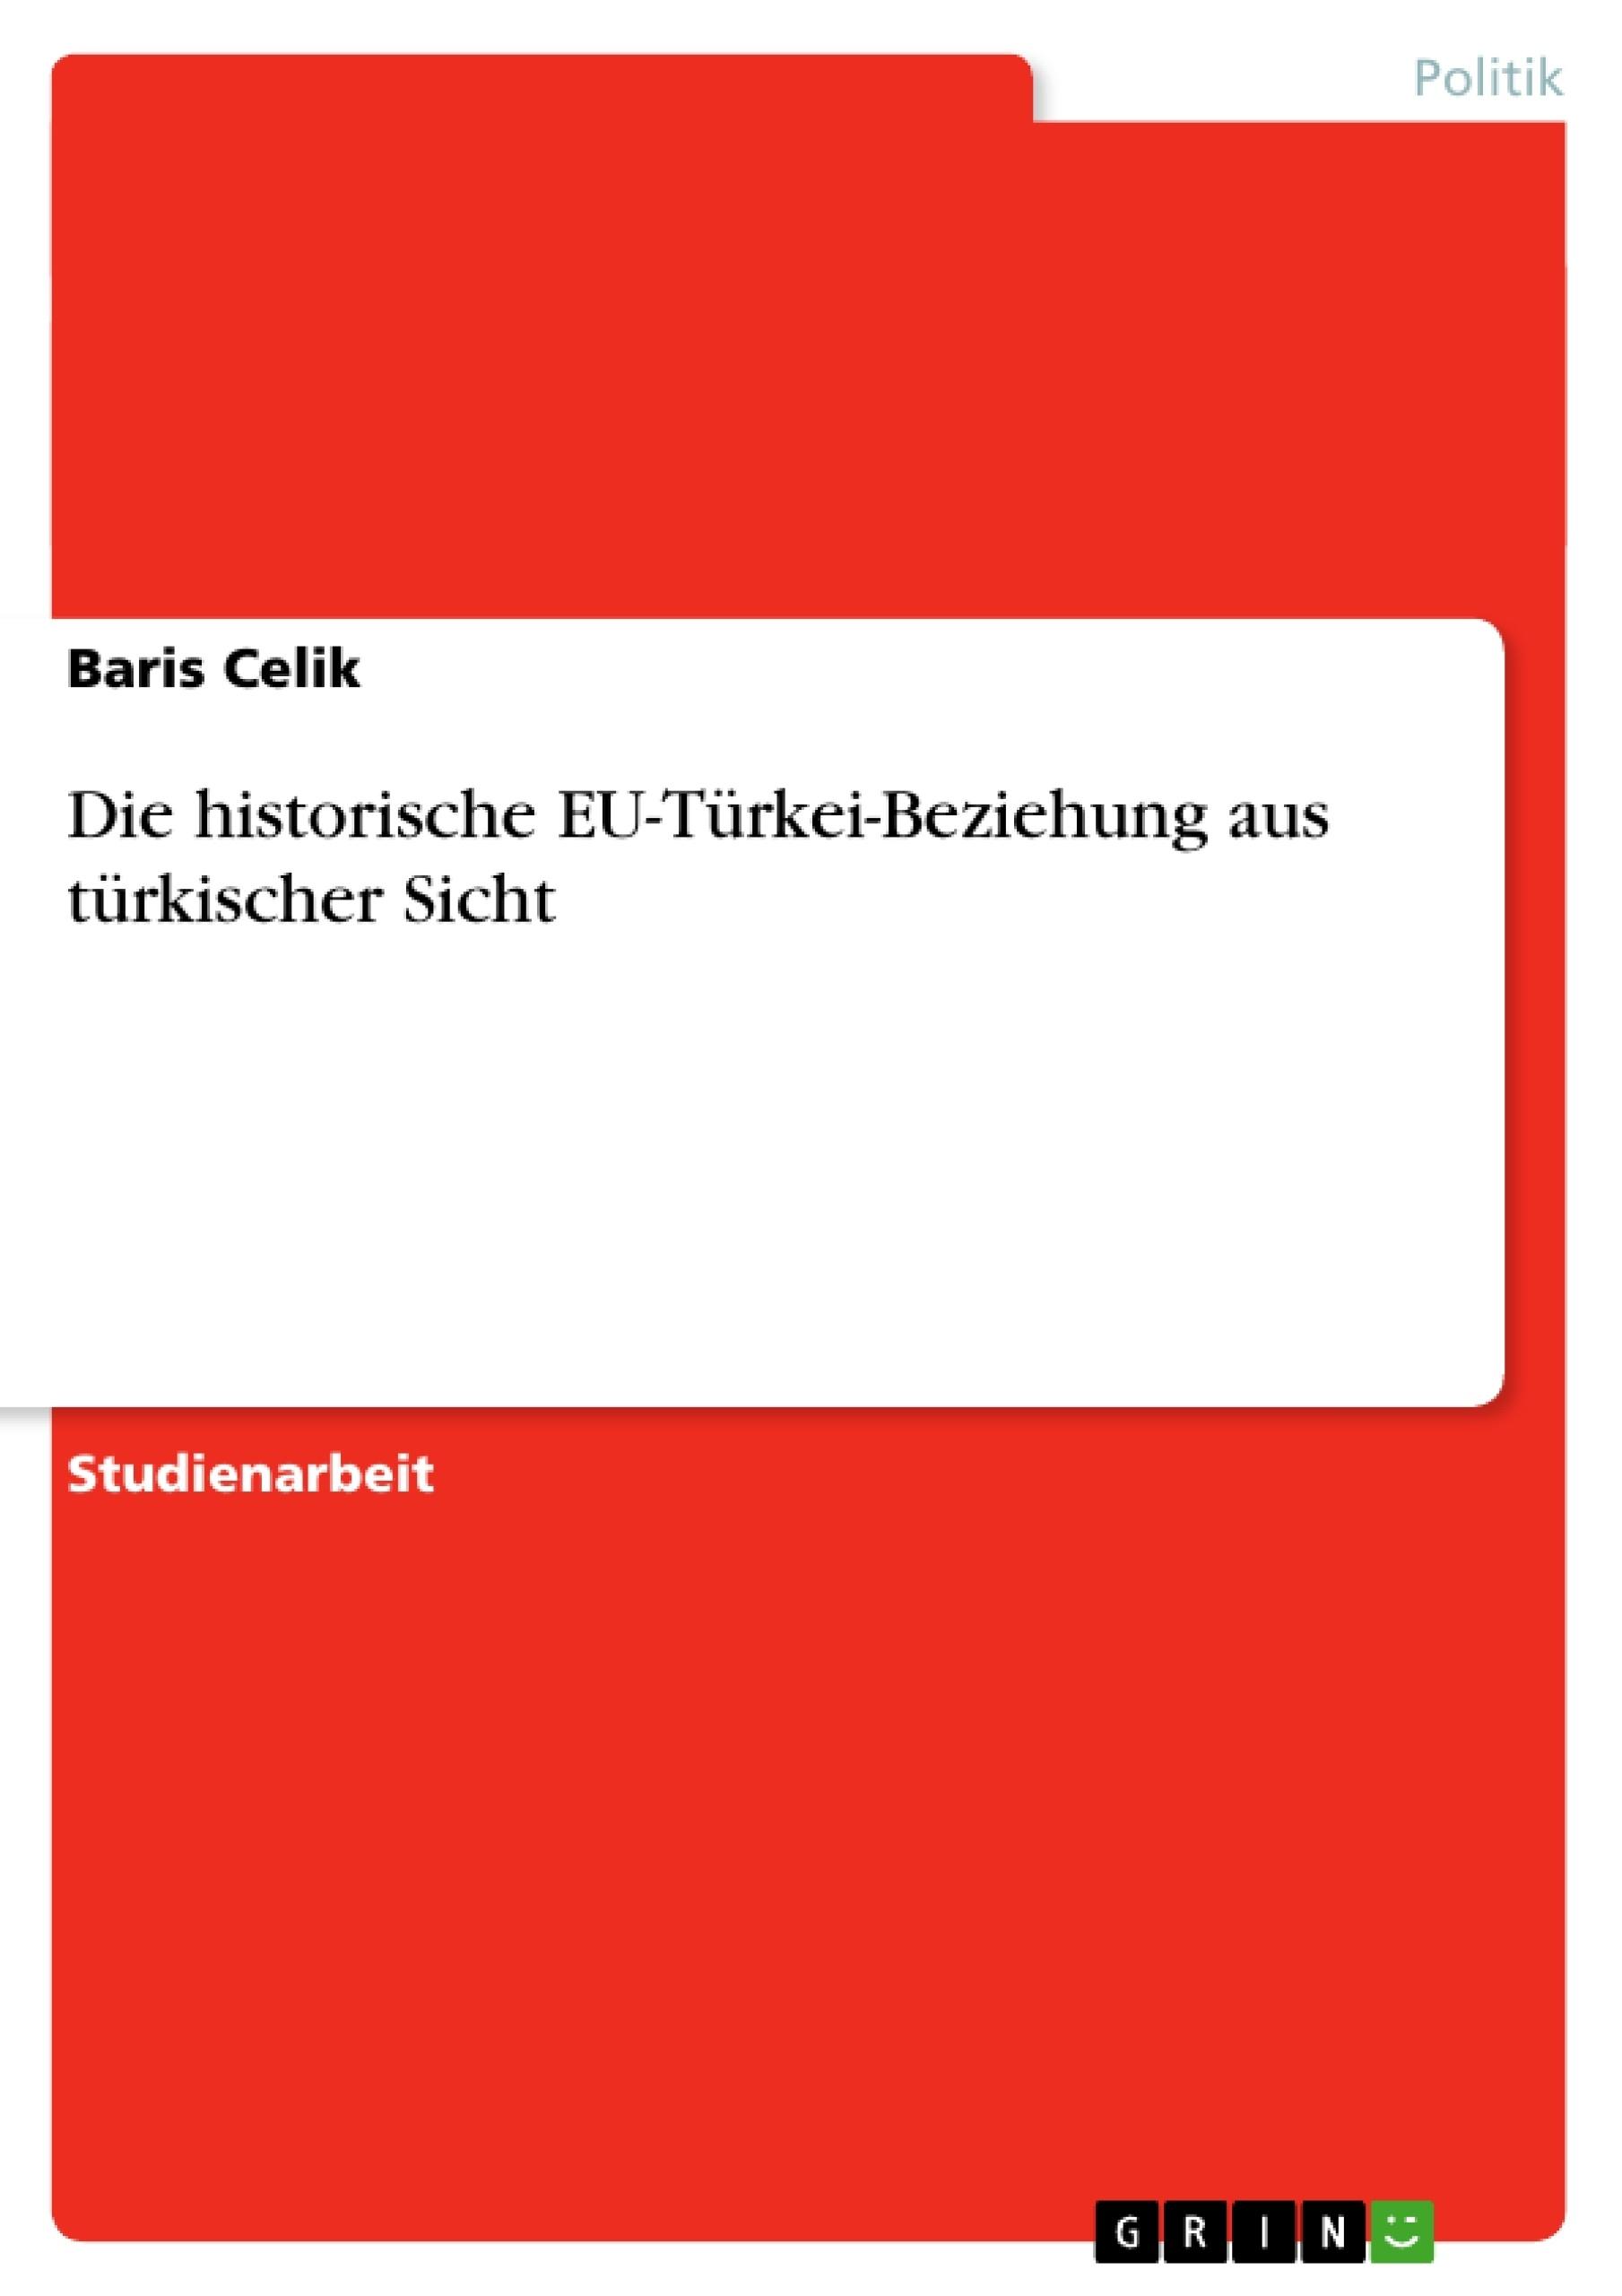 Titel: Die historische EU-Türkei-Beziehung aus türkischer Sicht